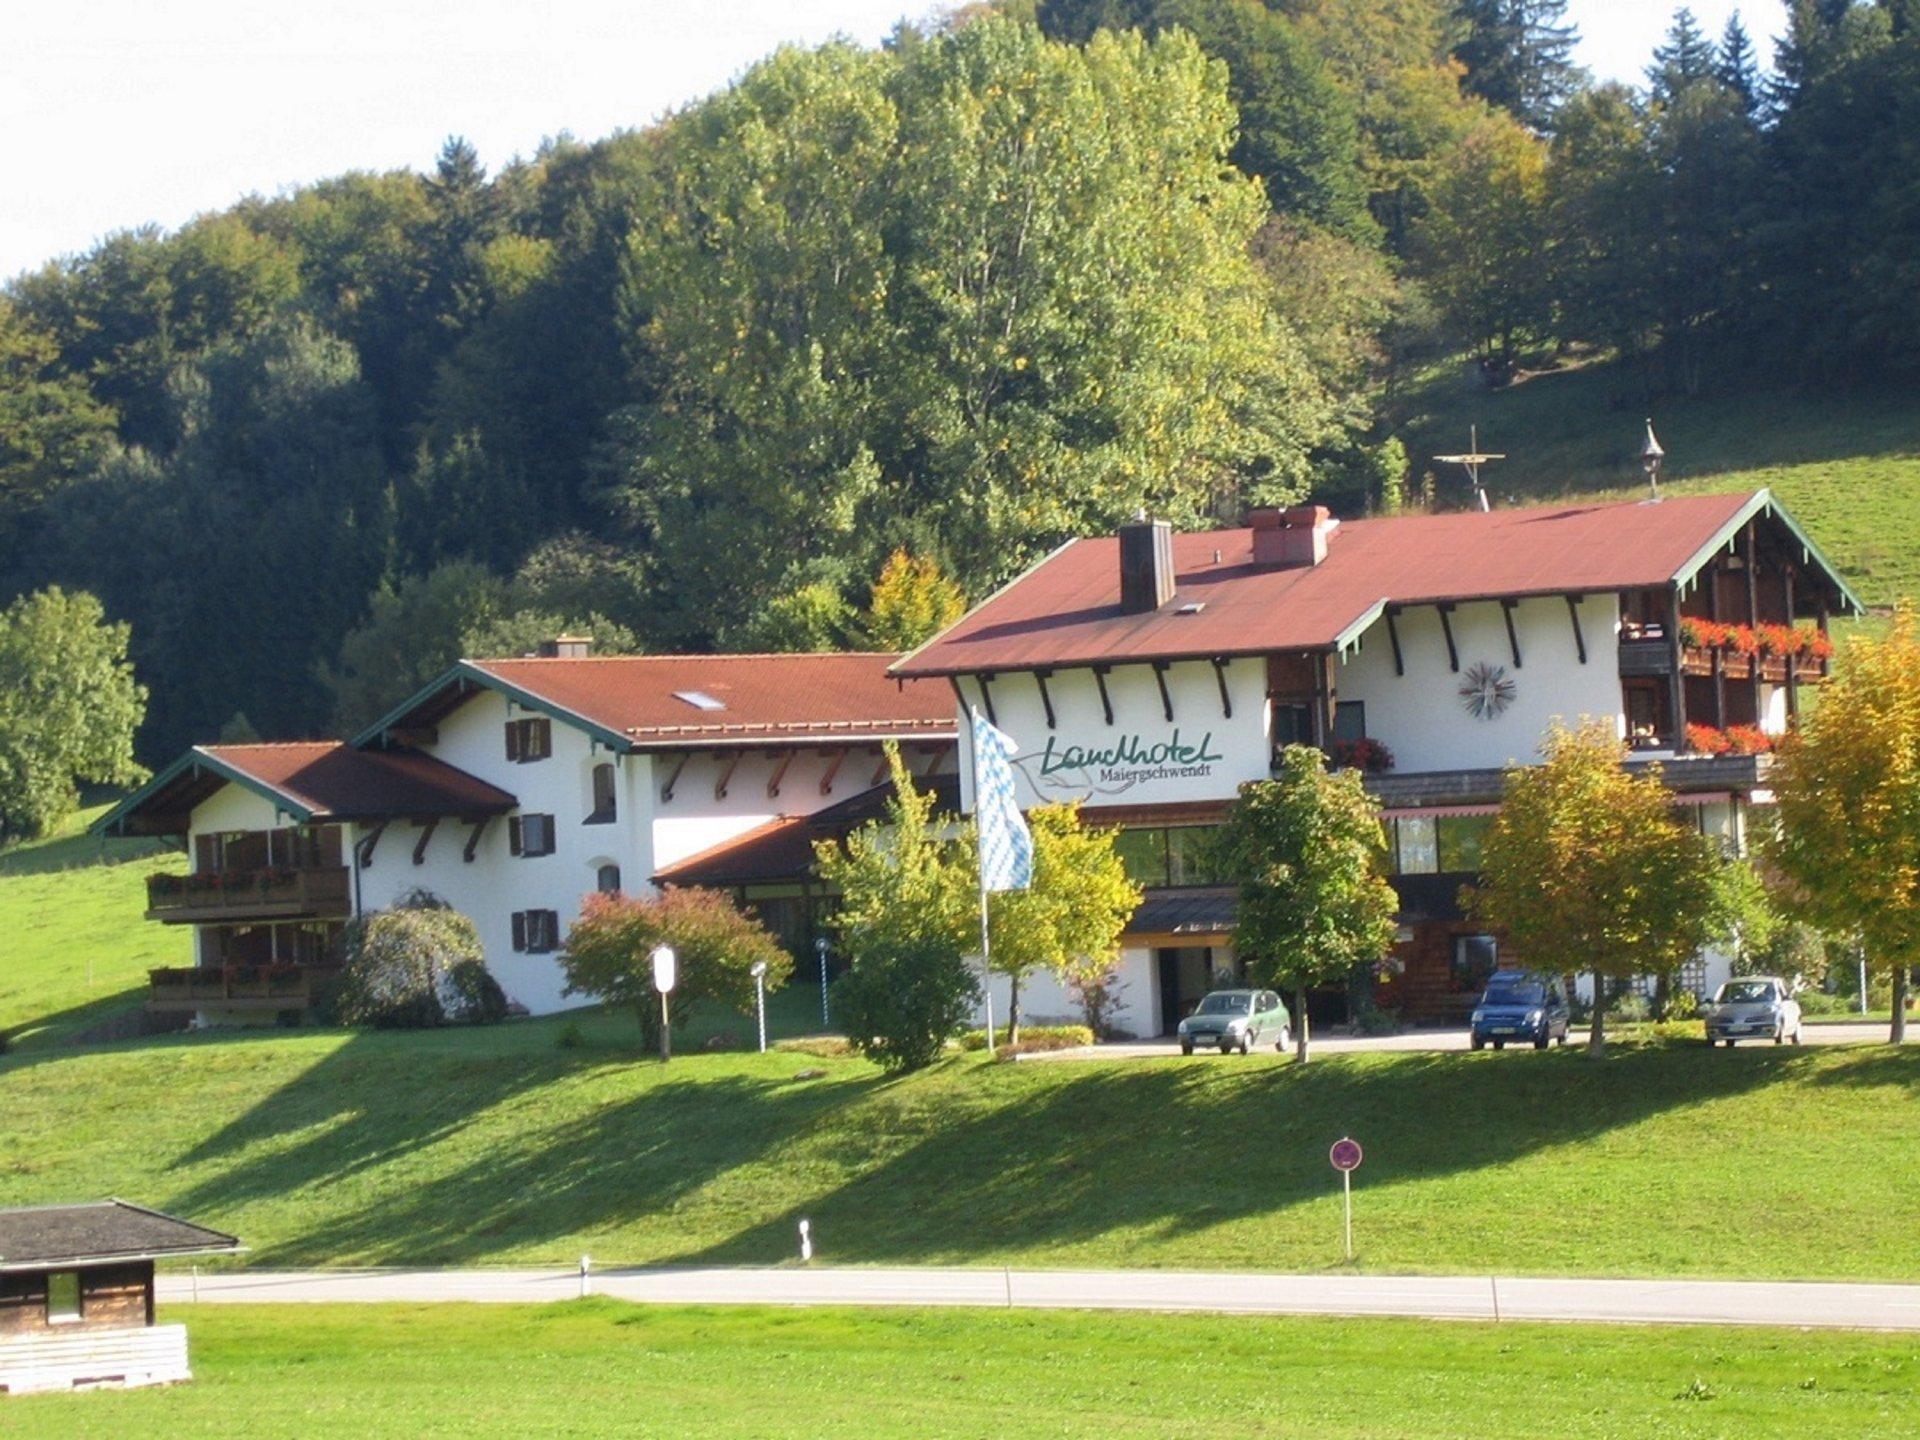 Kurzurlaub inkl. Therme - 1 Nacht/2 Tage im Chiemgau erleben